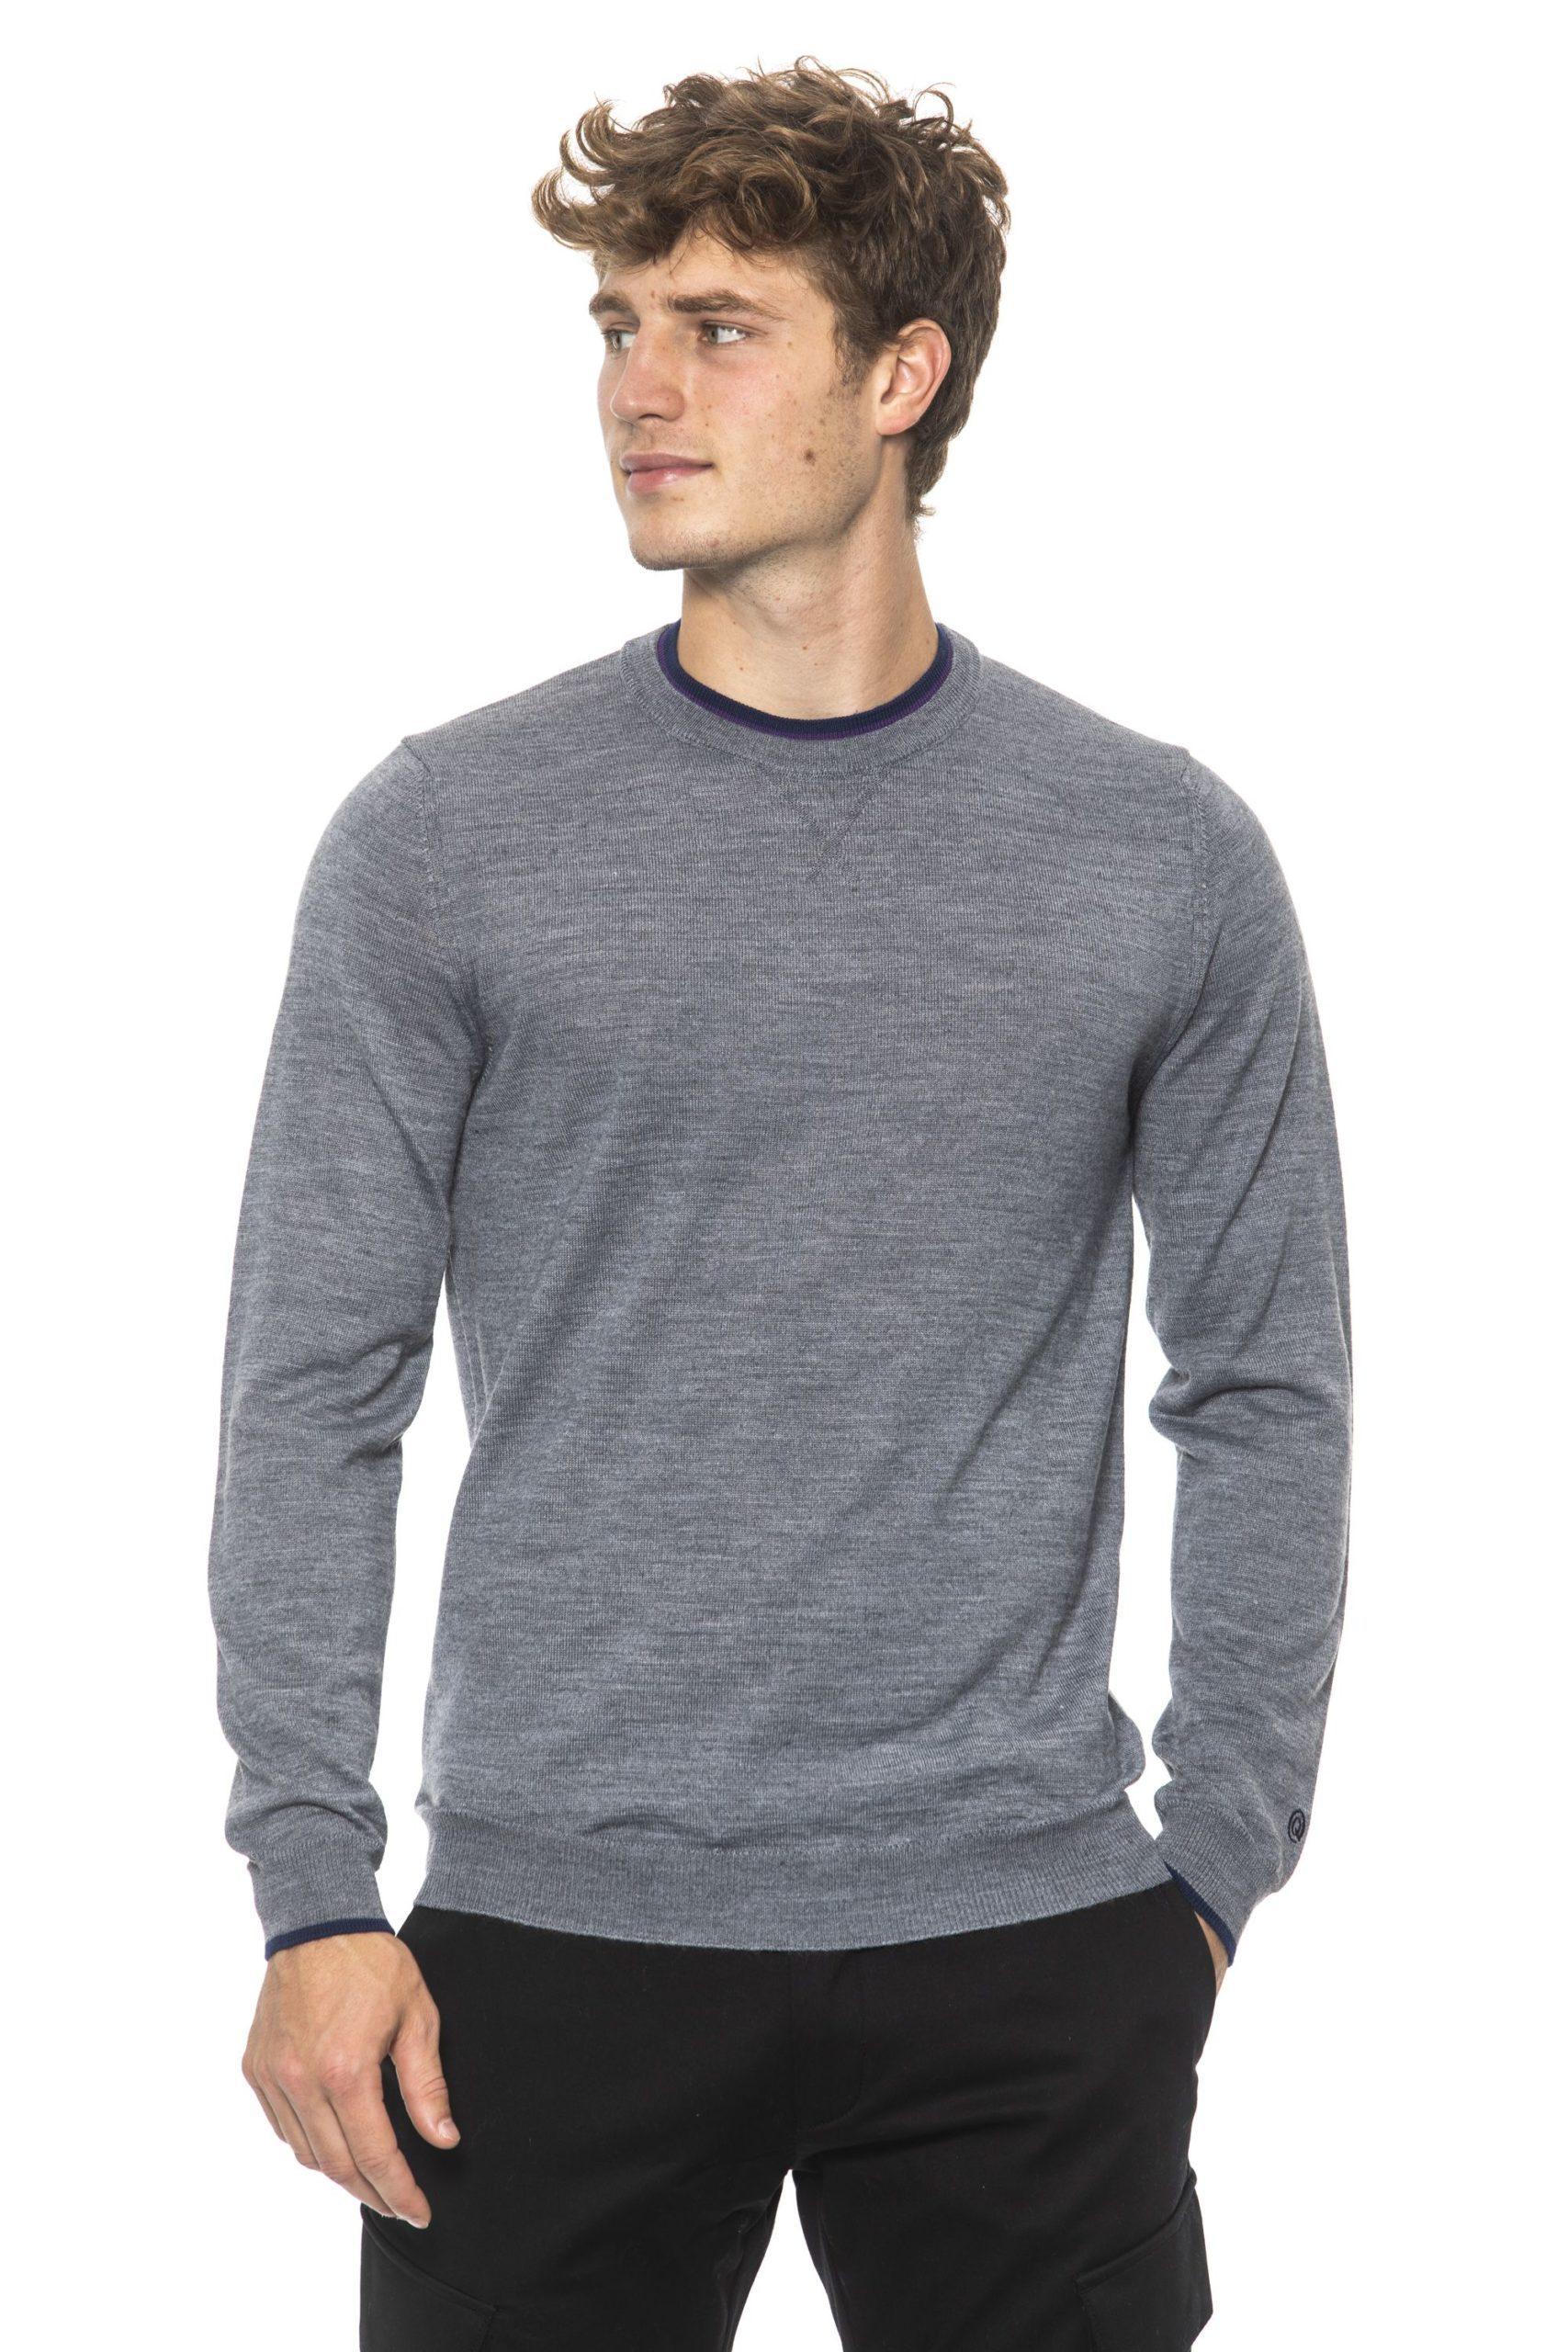 +39 MASQ Men's Sweater Gray 31272605 - S